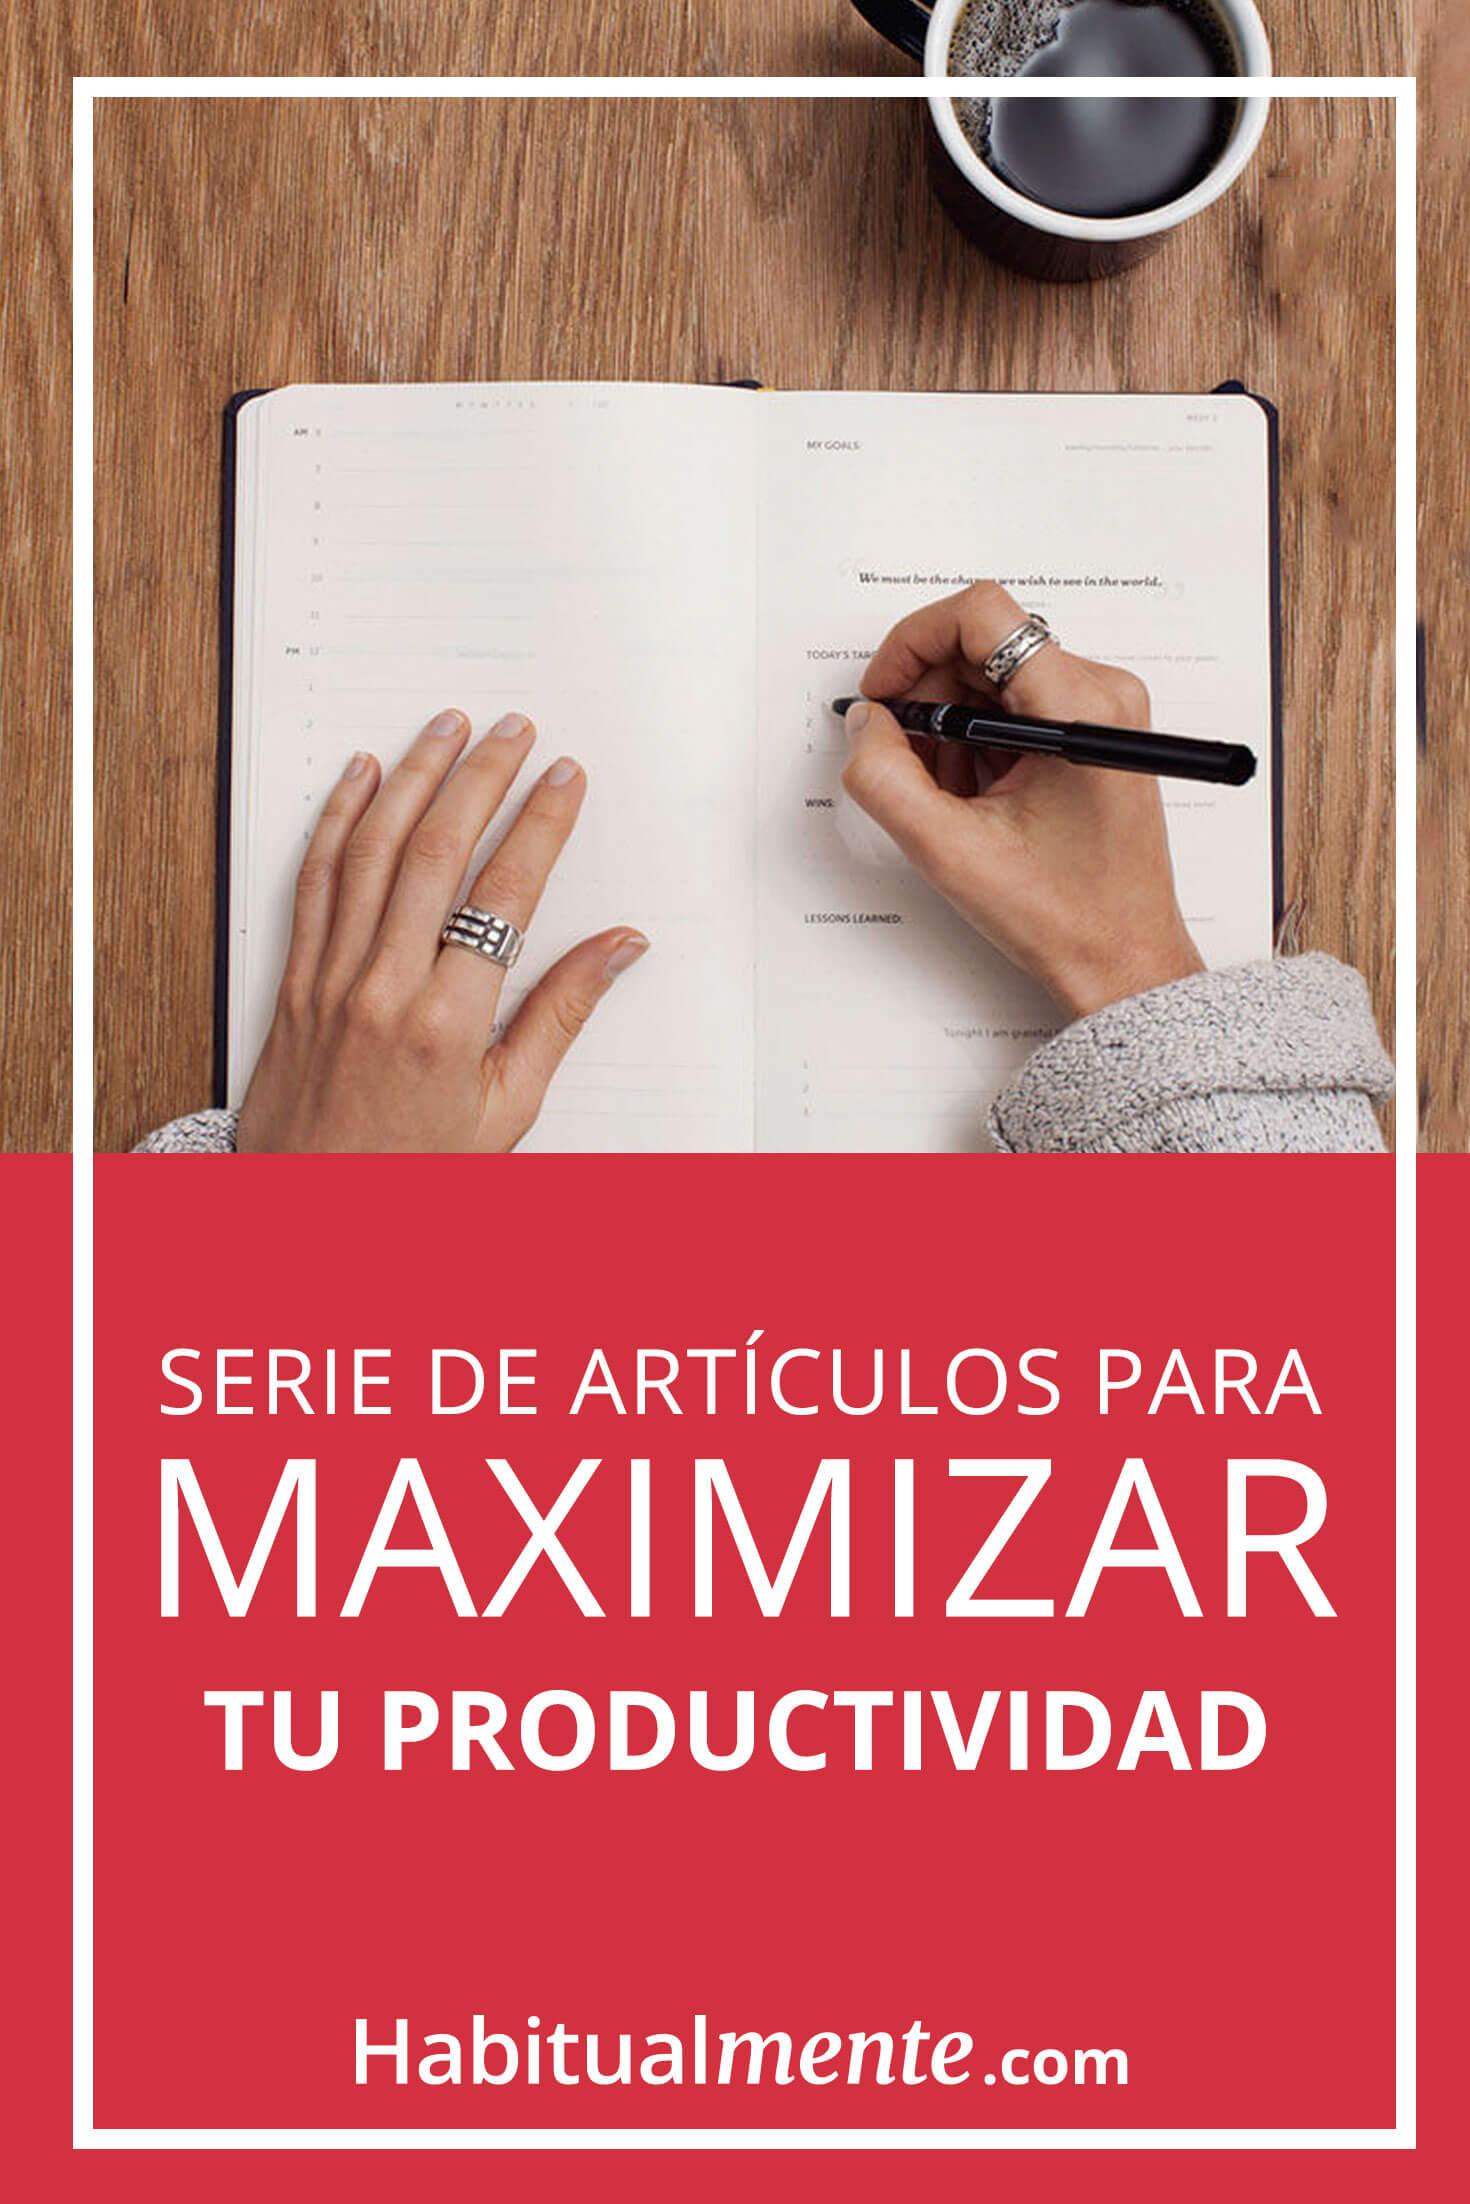 Serie de artículos para mejorar tu productividad